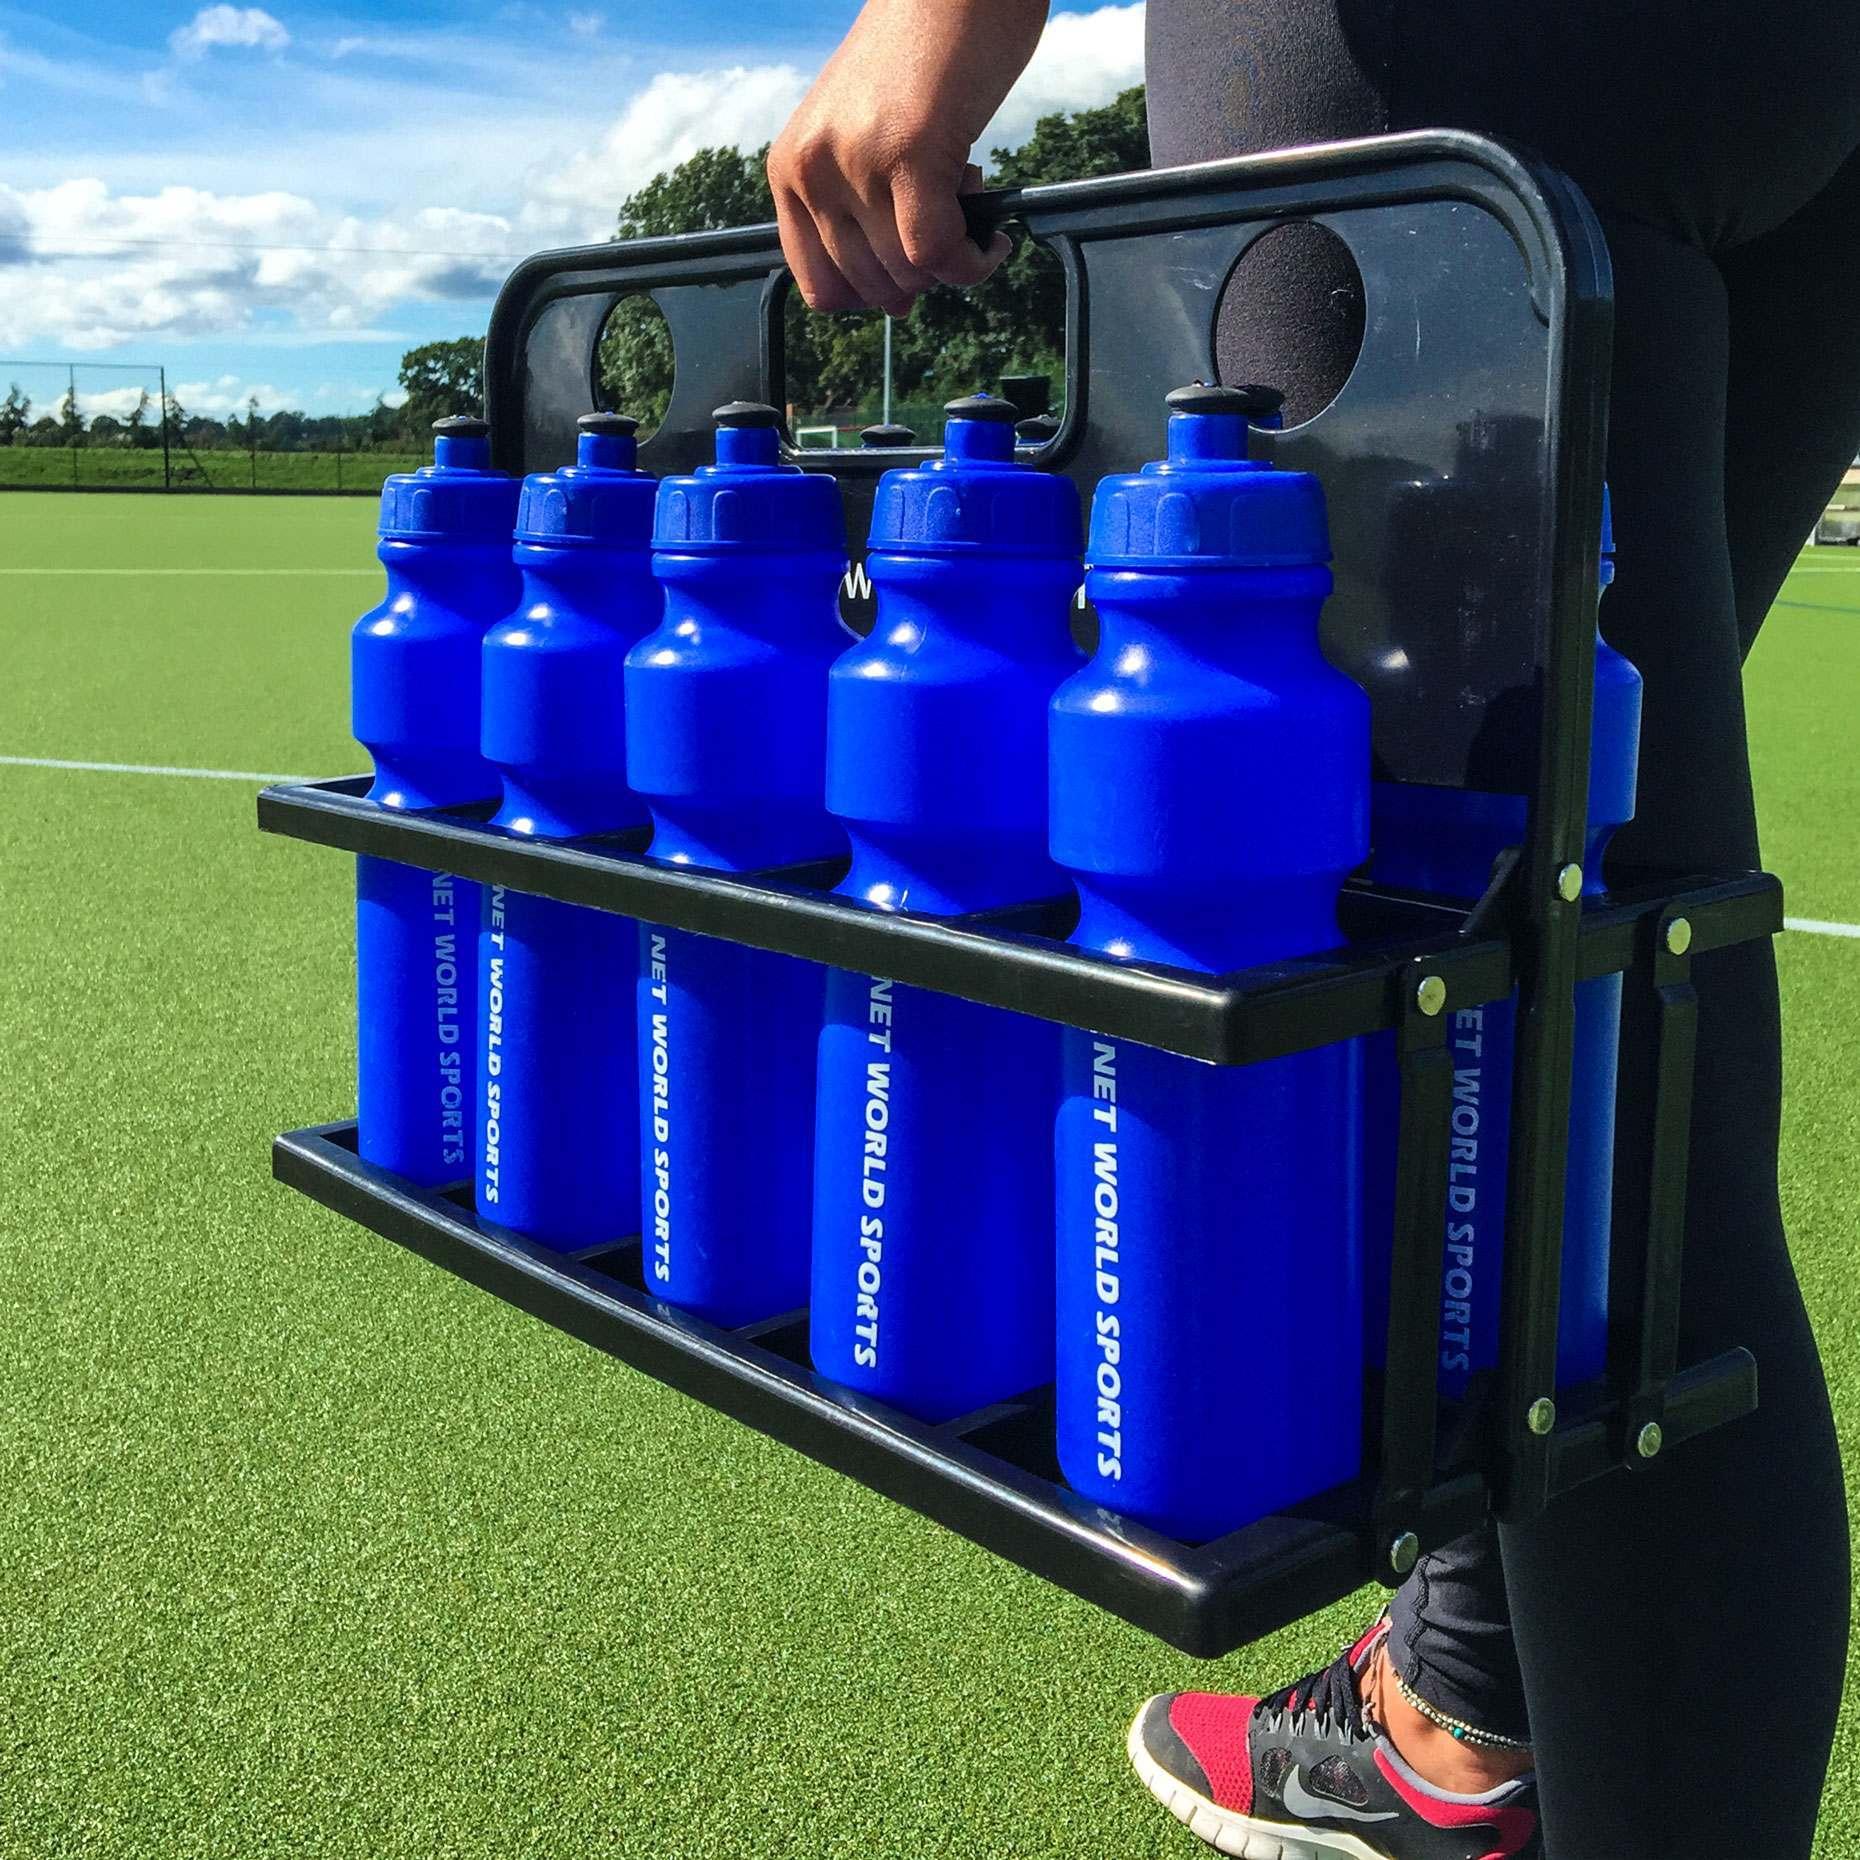 10 Water Bottles & Folding Drinks Carrier | Net World Sports